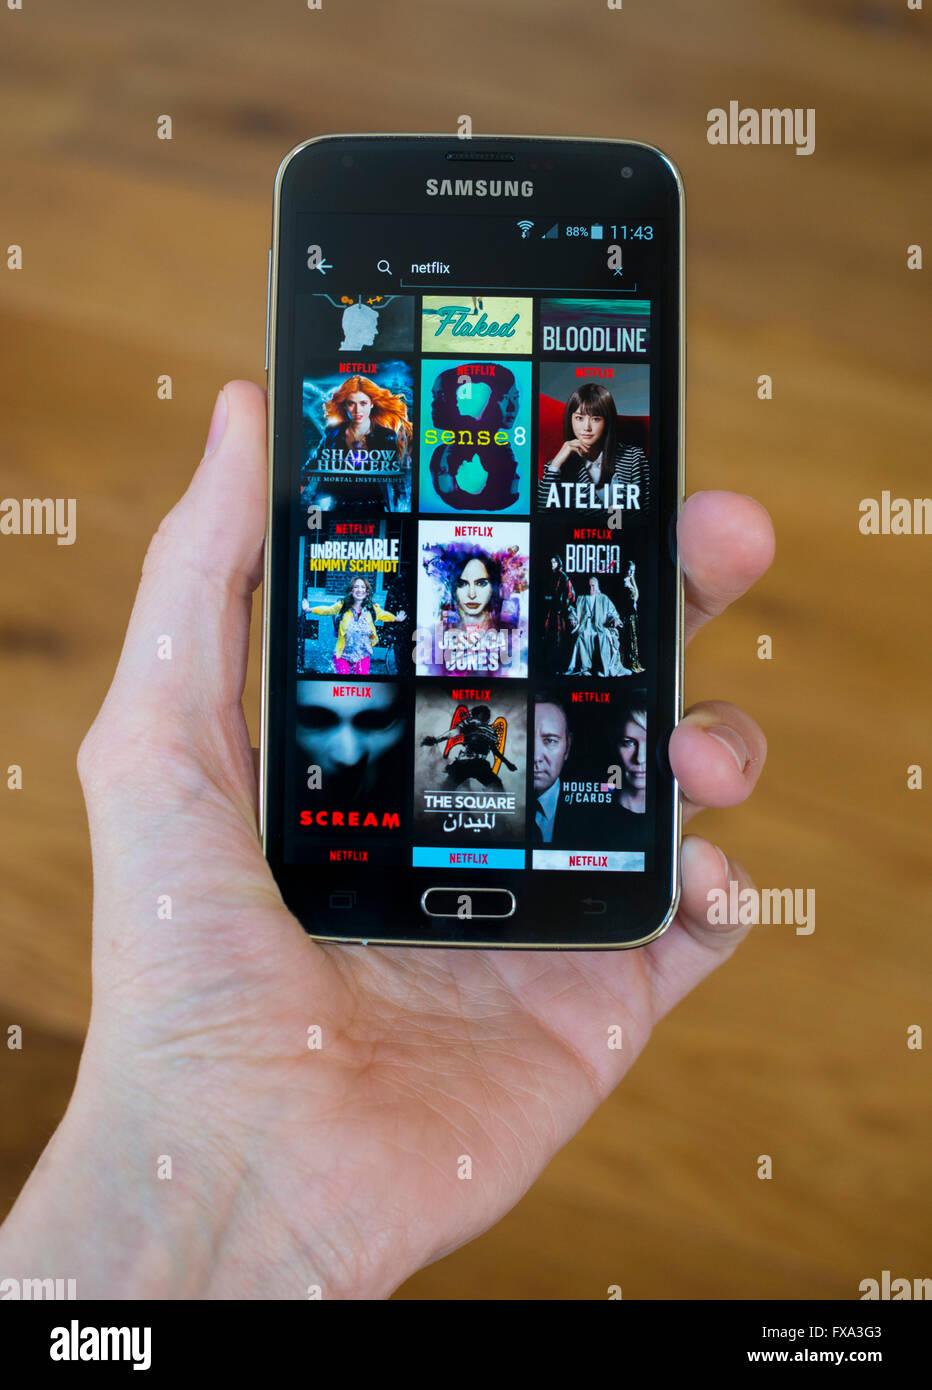 Una mano sujetando un teléfono de Samsung con la app Netlfix original abierto, mostrando el contenido de Netflix. Imagen De Stock